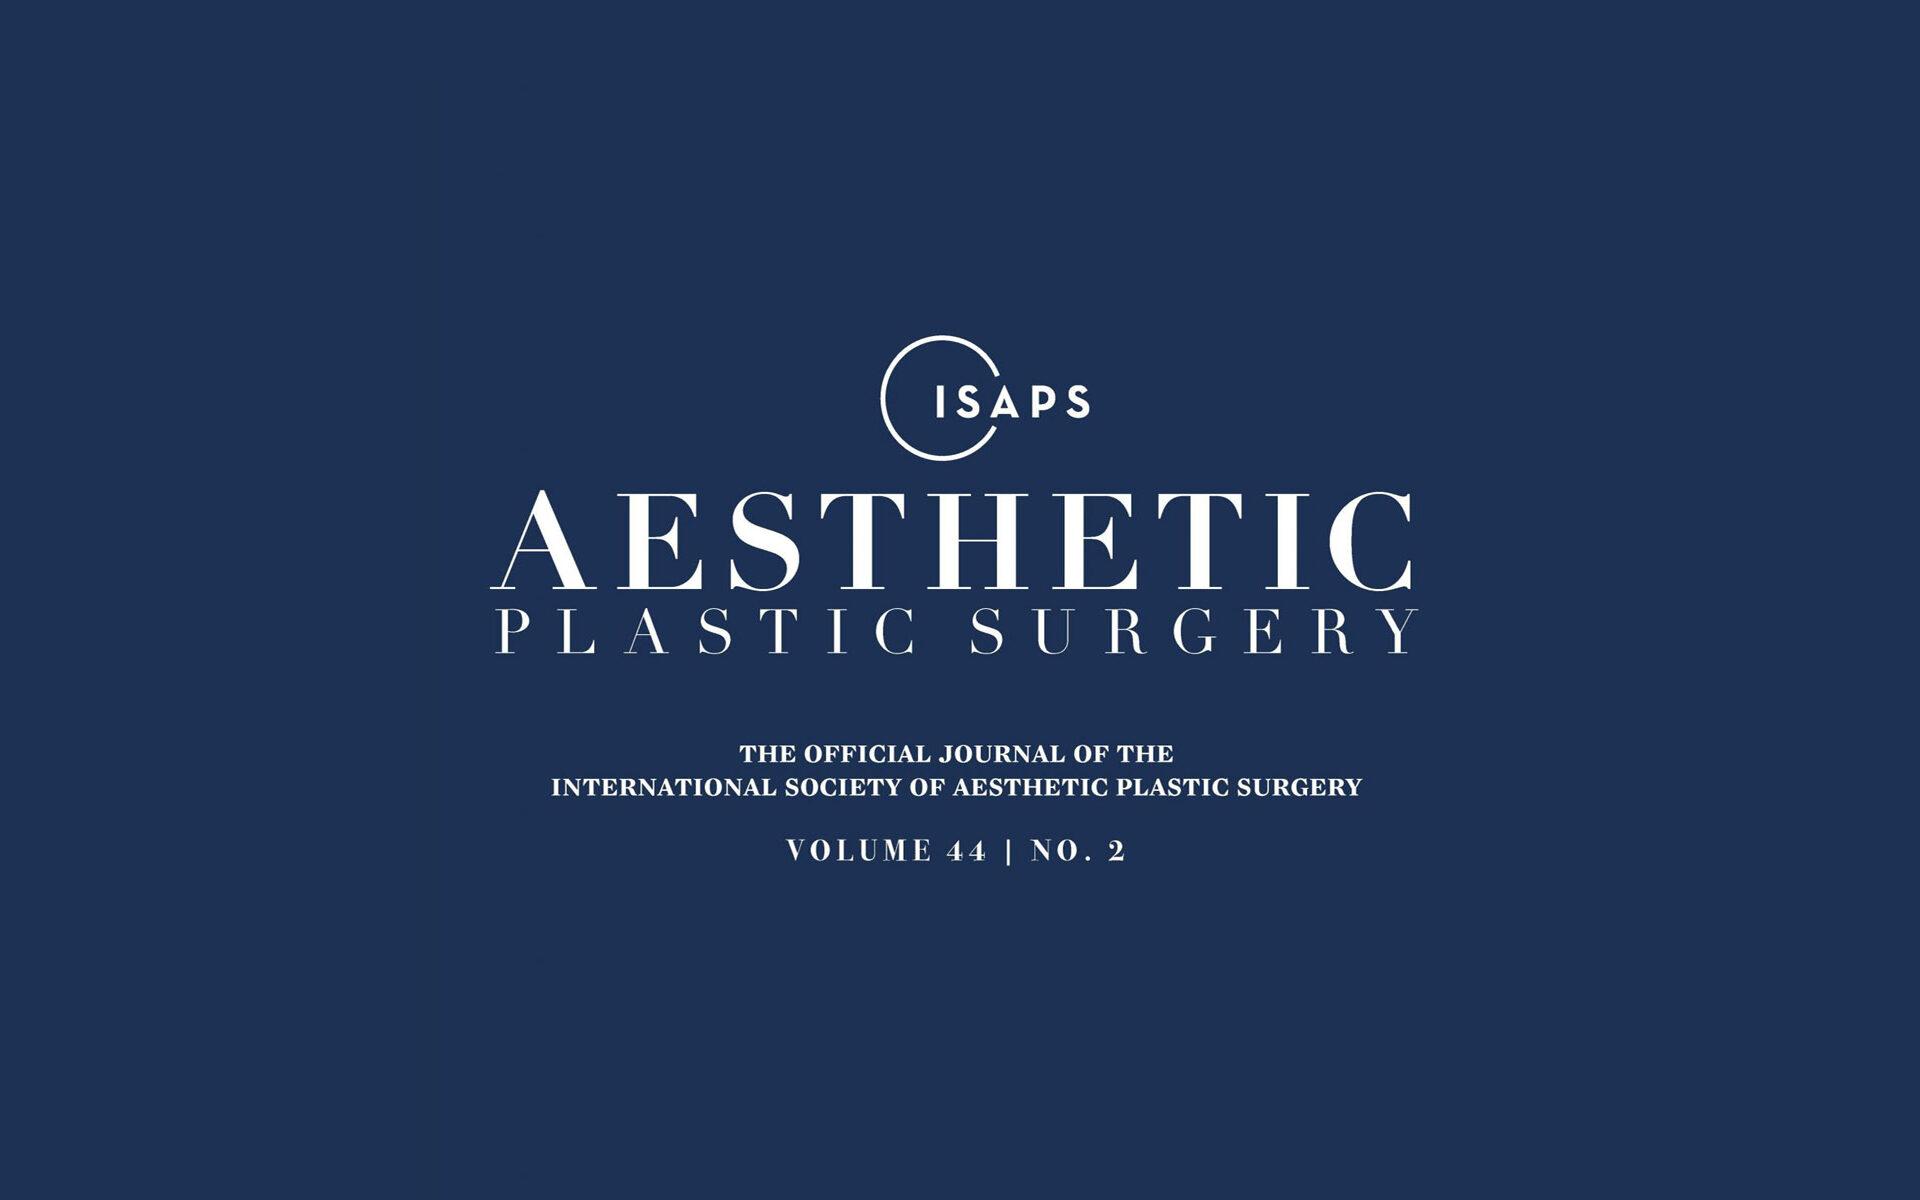 Статья из цикла Коррекция Тубулярной Груди в Aesthetic Plastic Surgery Journal — Виталий Жолтиков